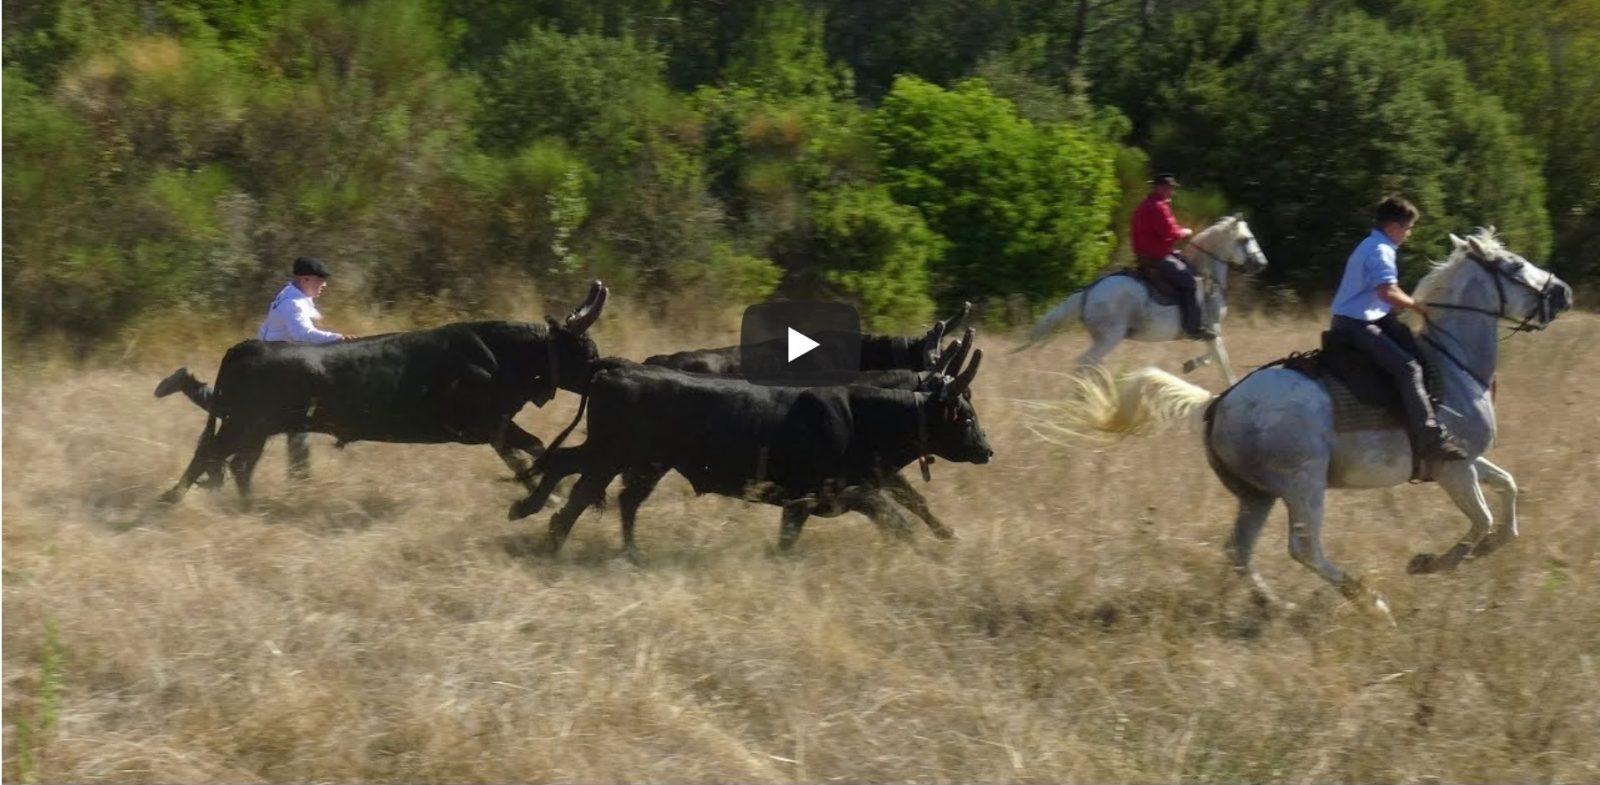 PARIGNARGUES (28/09/2019) – Retour en vidéo sur la journée taurine